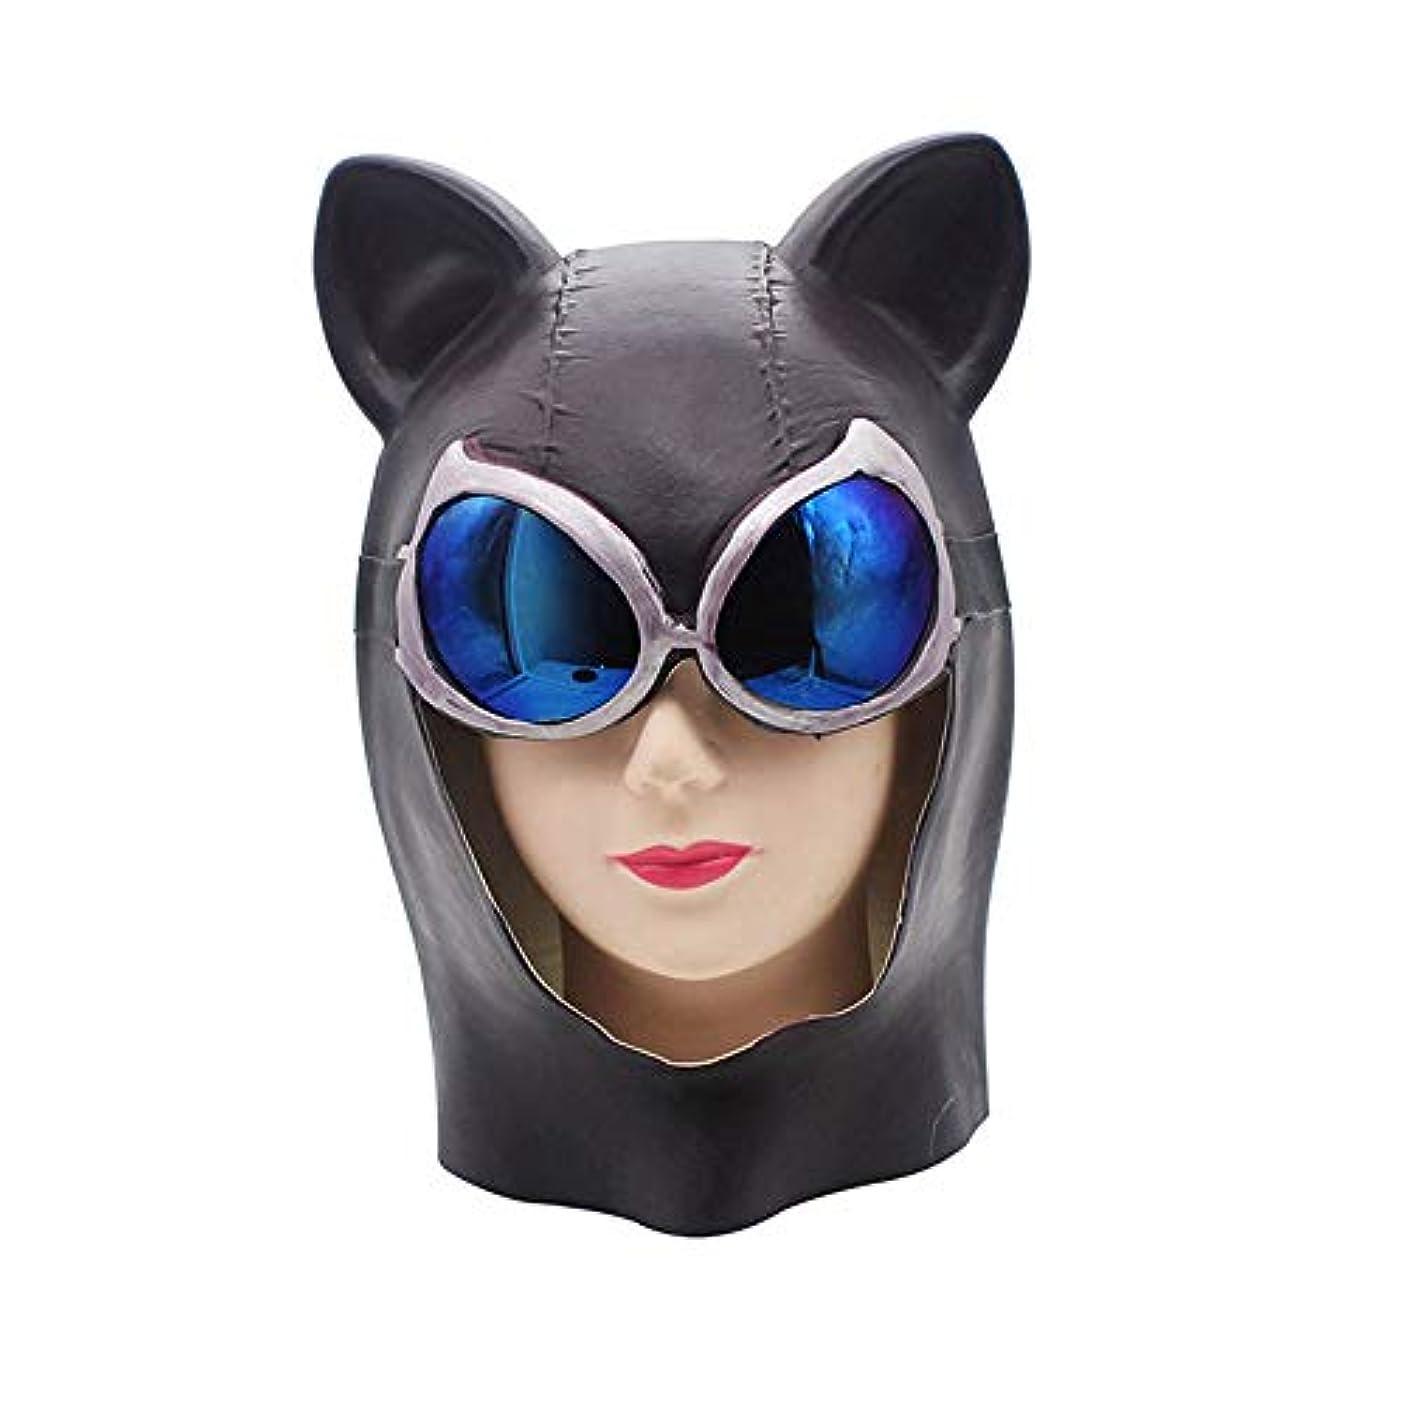 ドナウ川政治的更新するハロウィンホラーマスクセクシーな猫女性の顔ホーンホーンフォックスマスクビデオバットマンヘッドギア猫のフェイスマスク